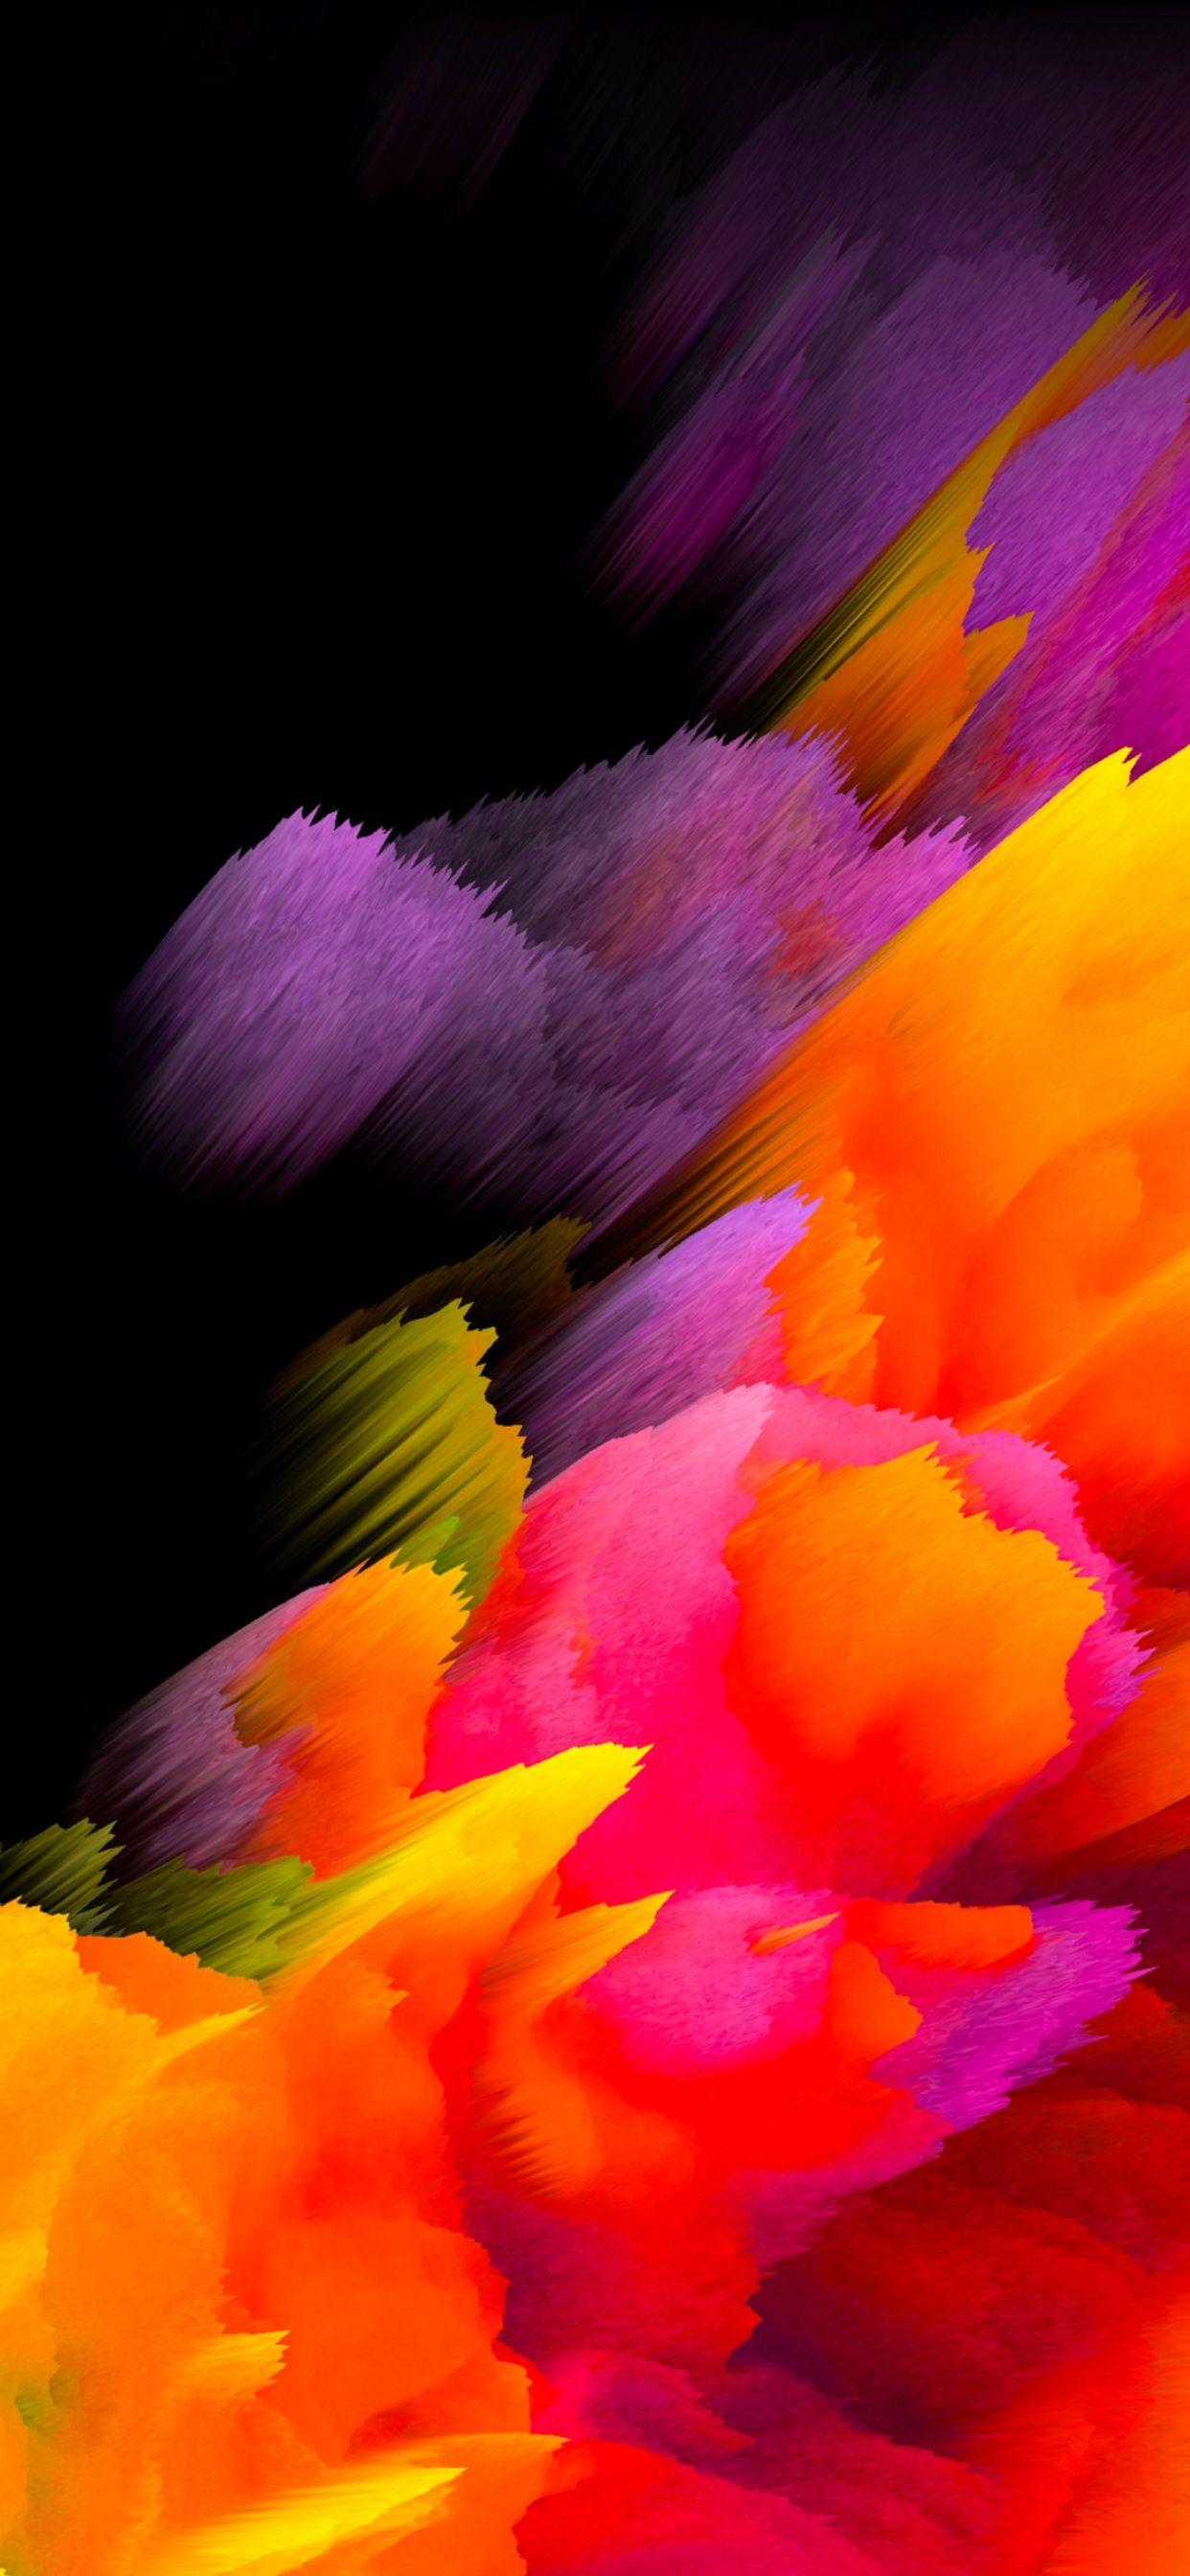 Wallpapers Apple Iphone Xs Max En 2020 Fond D Ecran Couleur Fond D Ecran Iphone Disney Fond D Ecran Iphone Apple